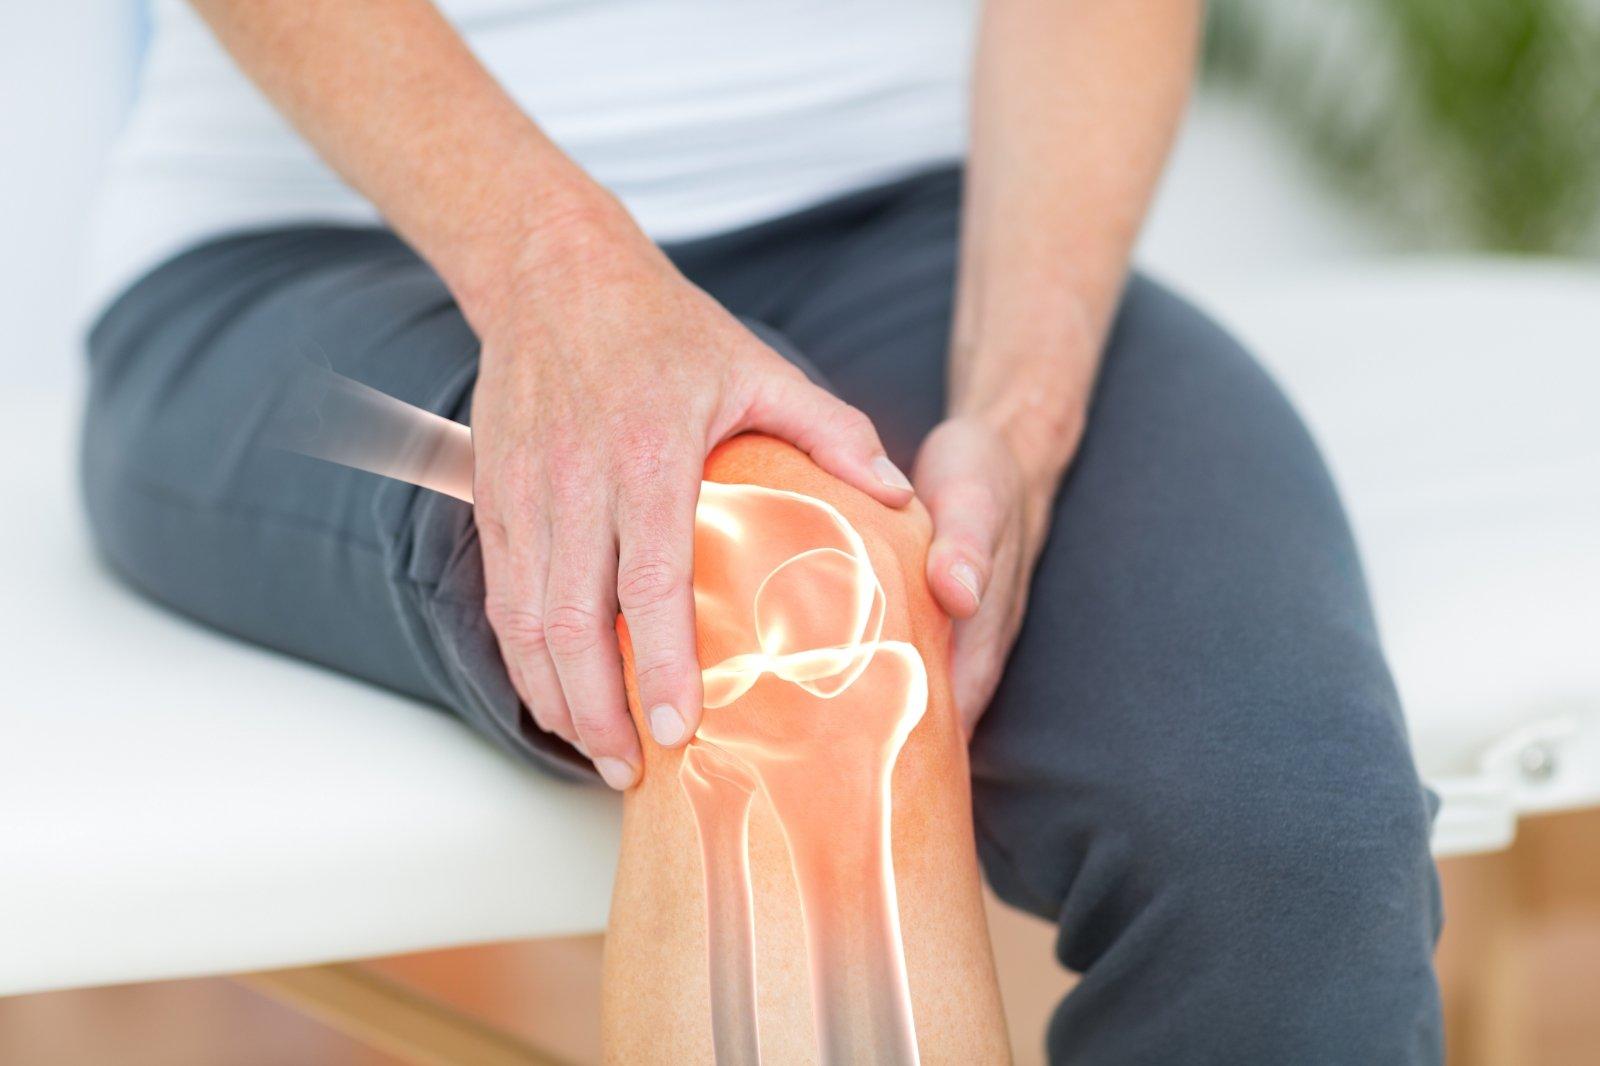 sąnarių gydymas bendrą artrito artrito sieros gydymas sąnarių